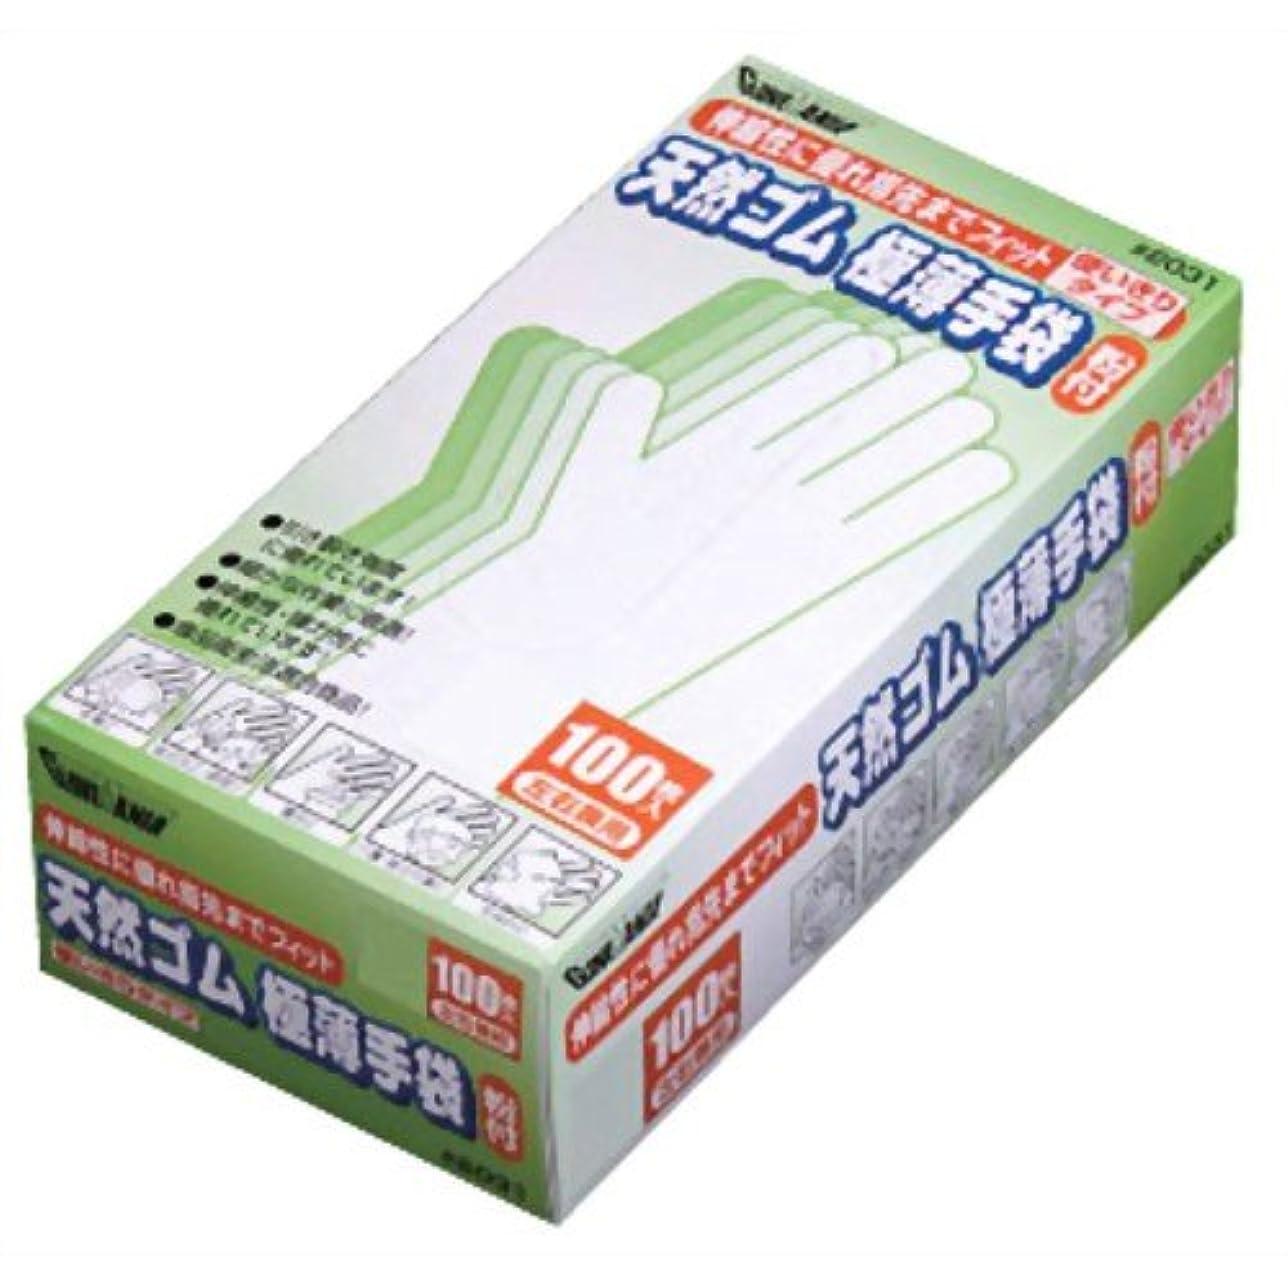 ゲーム悪因子記憶に残る川西工業 天然ゴム極薄手袋 粉付 100枚入 #2031 ナチュラル SS